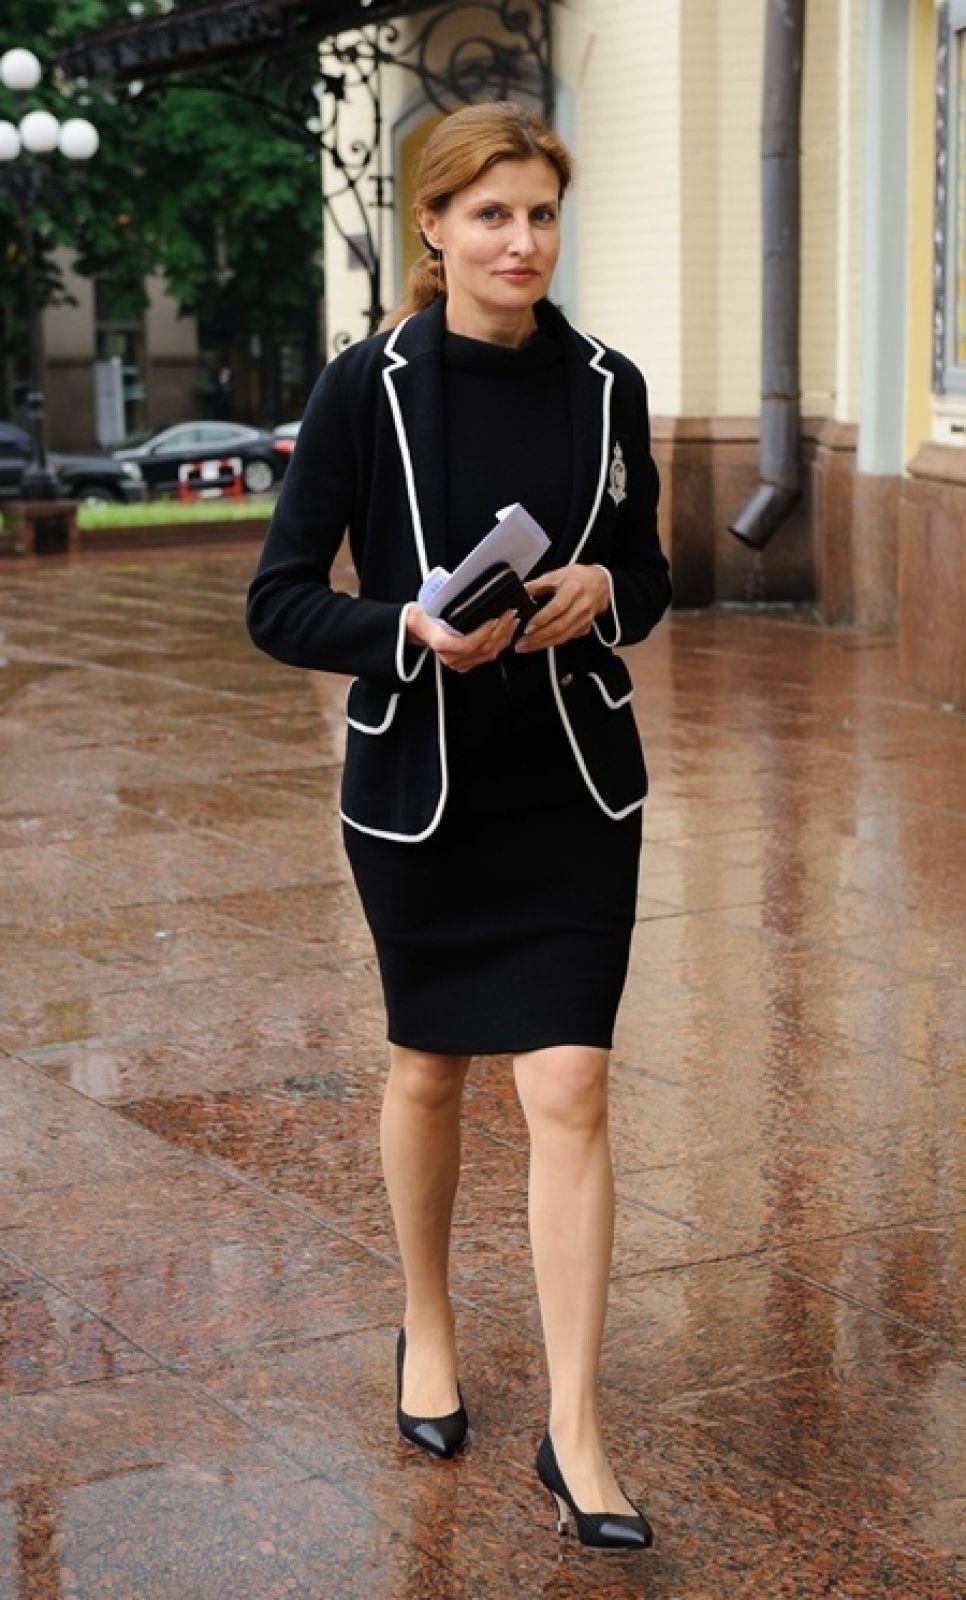 Заметно, что в одежде ей нравятся выделяющиеся линии. В таких нарядах она выглядит просто замечательно